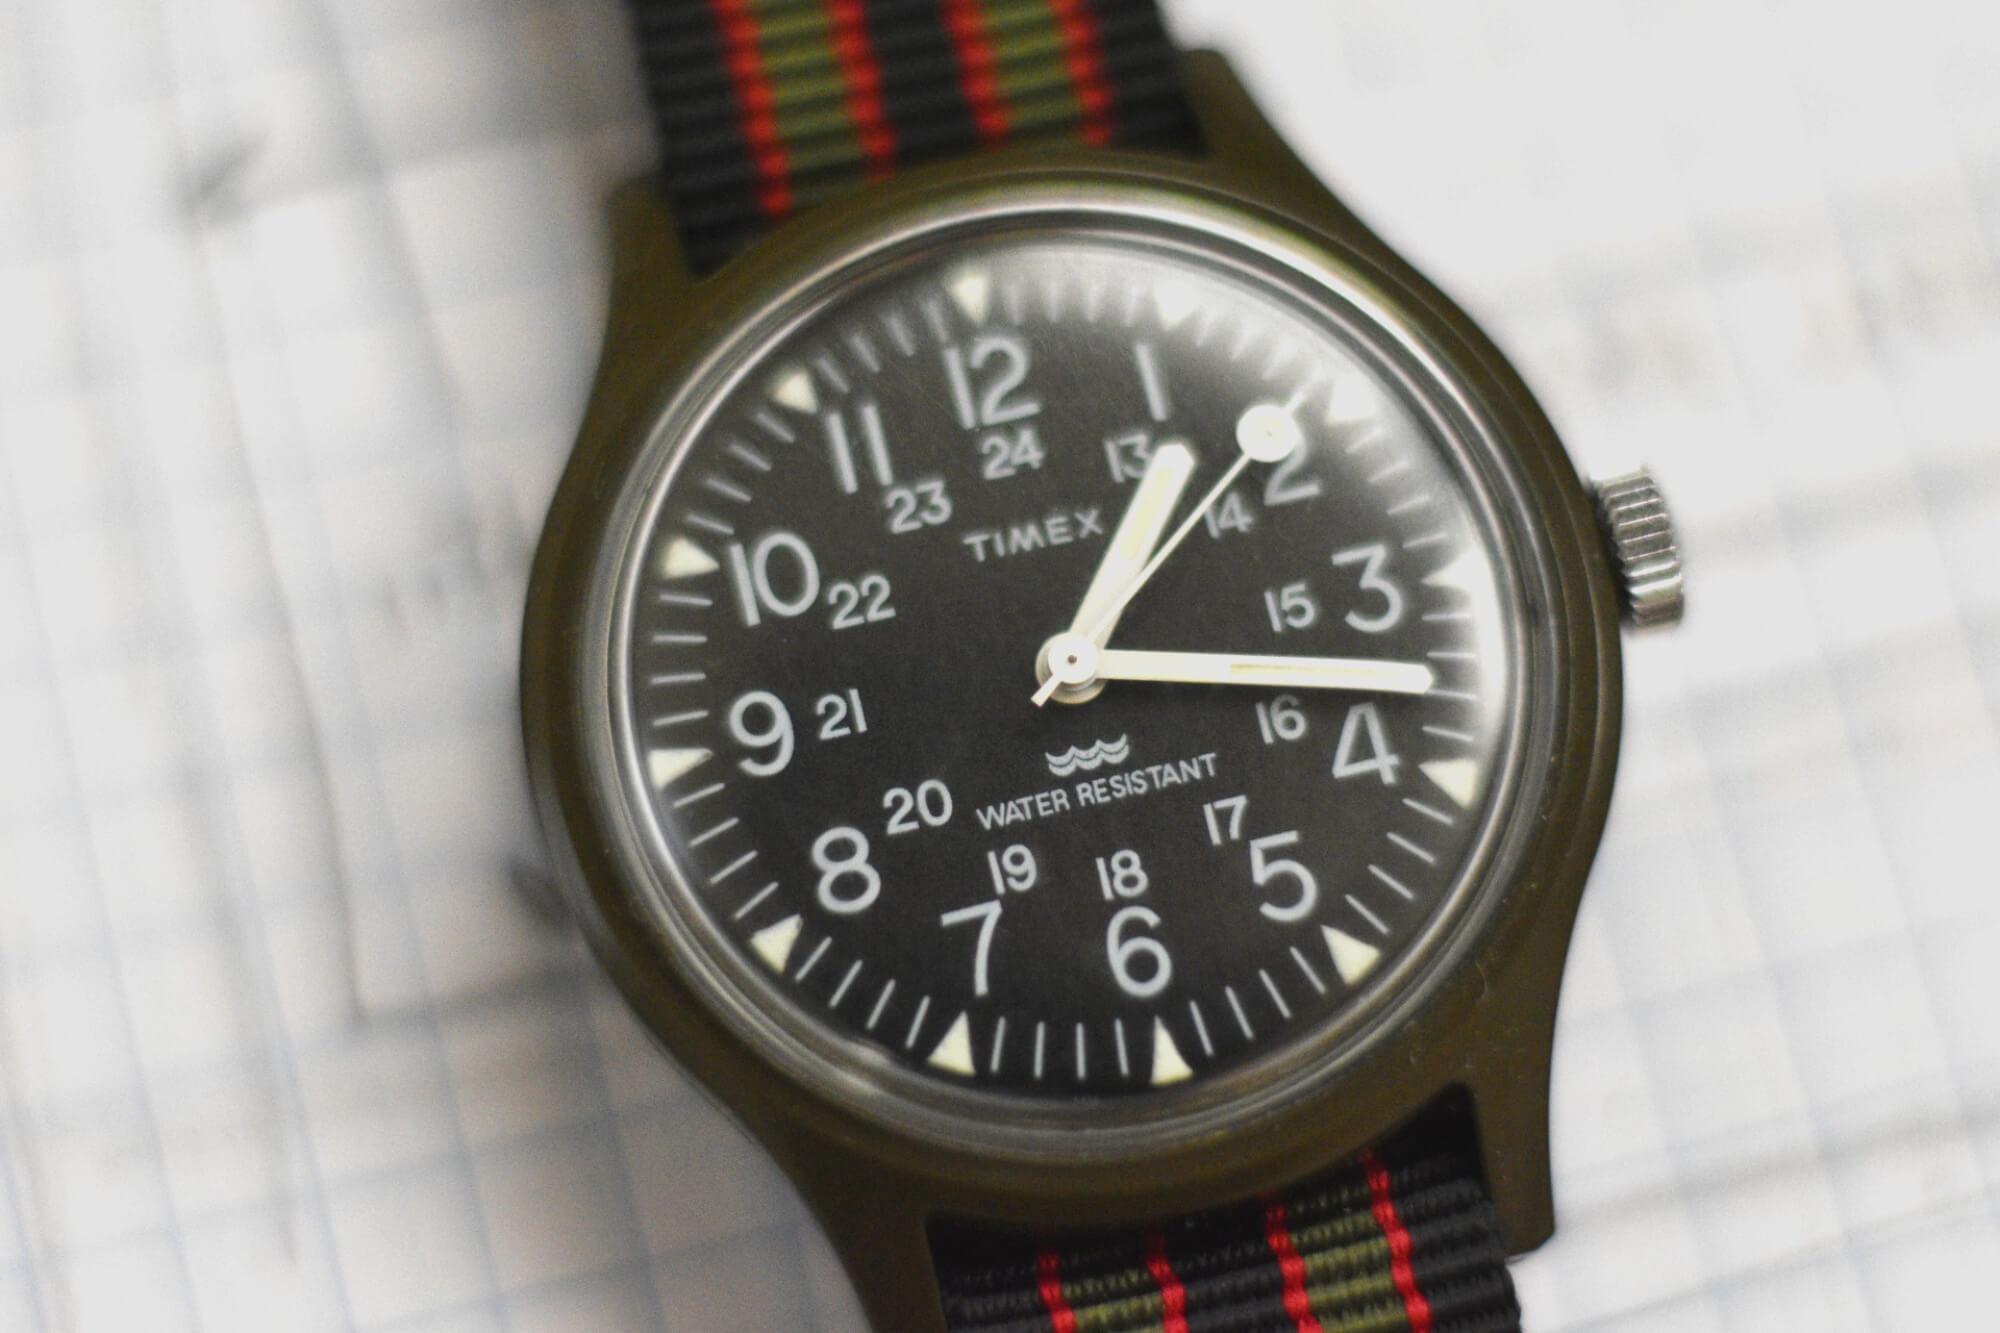 Timex-Camper-Closeup-field-watch